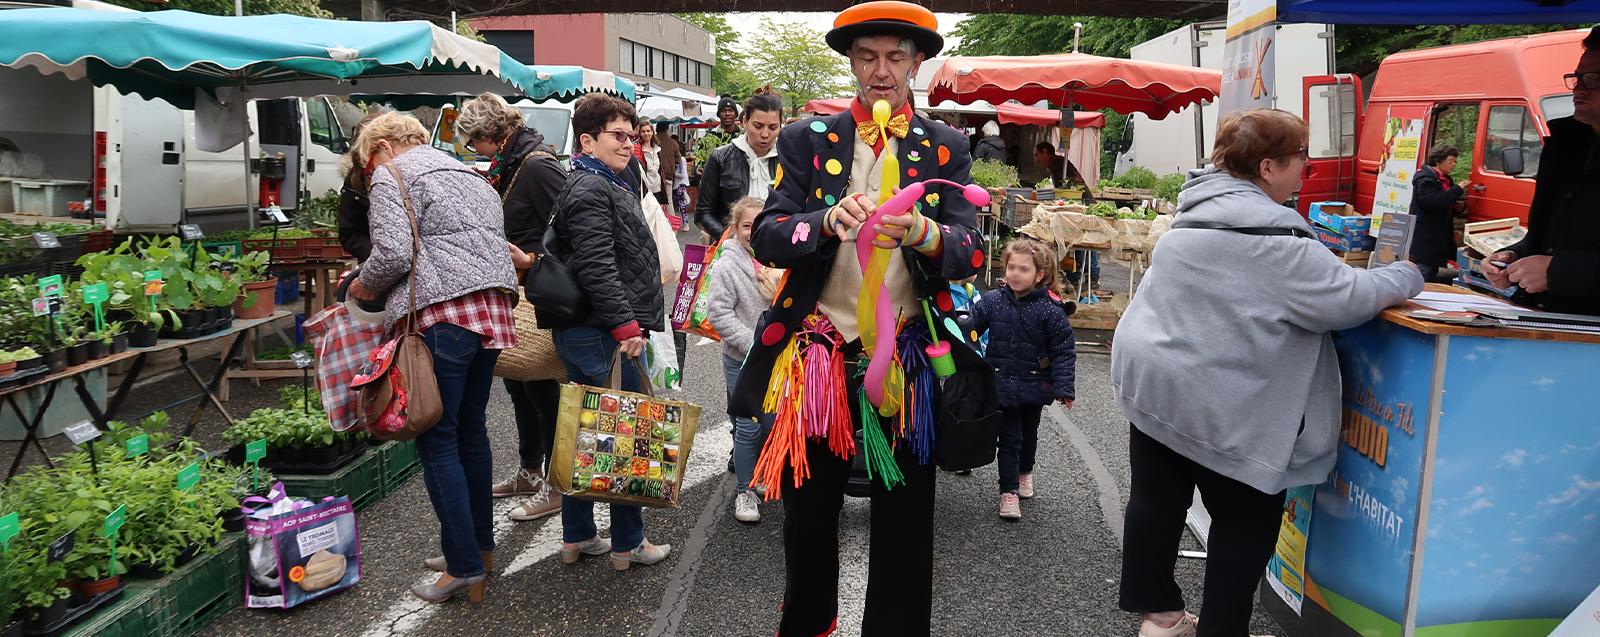 animations au marché du samedi - rue du midi